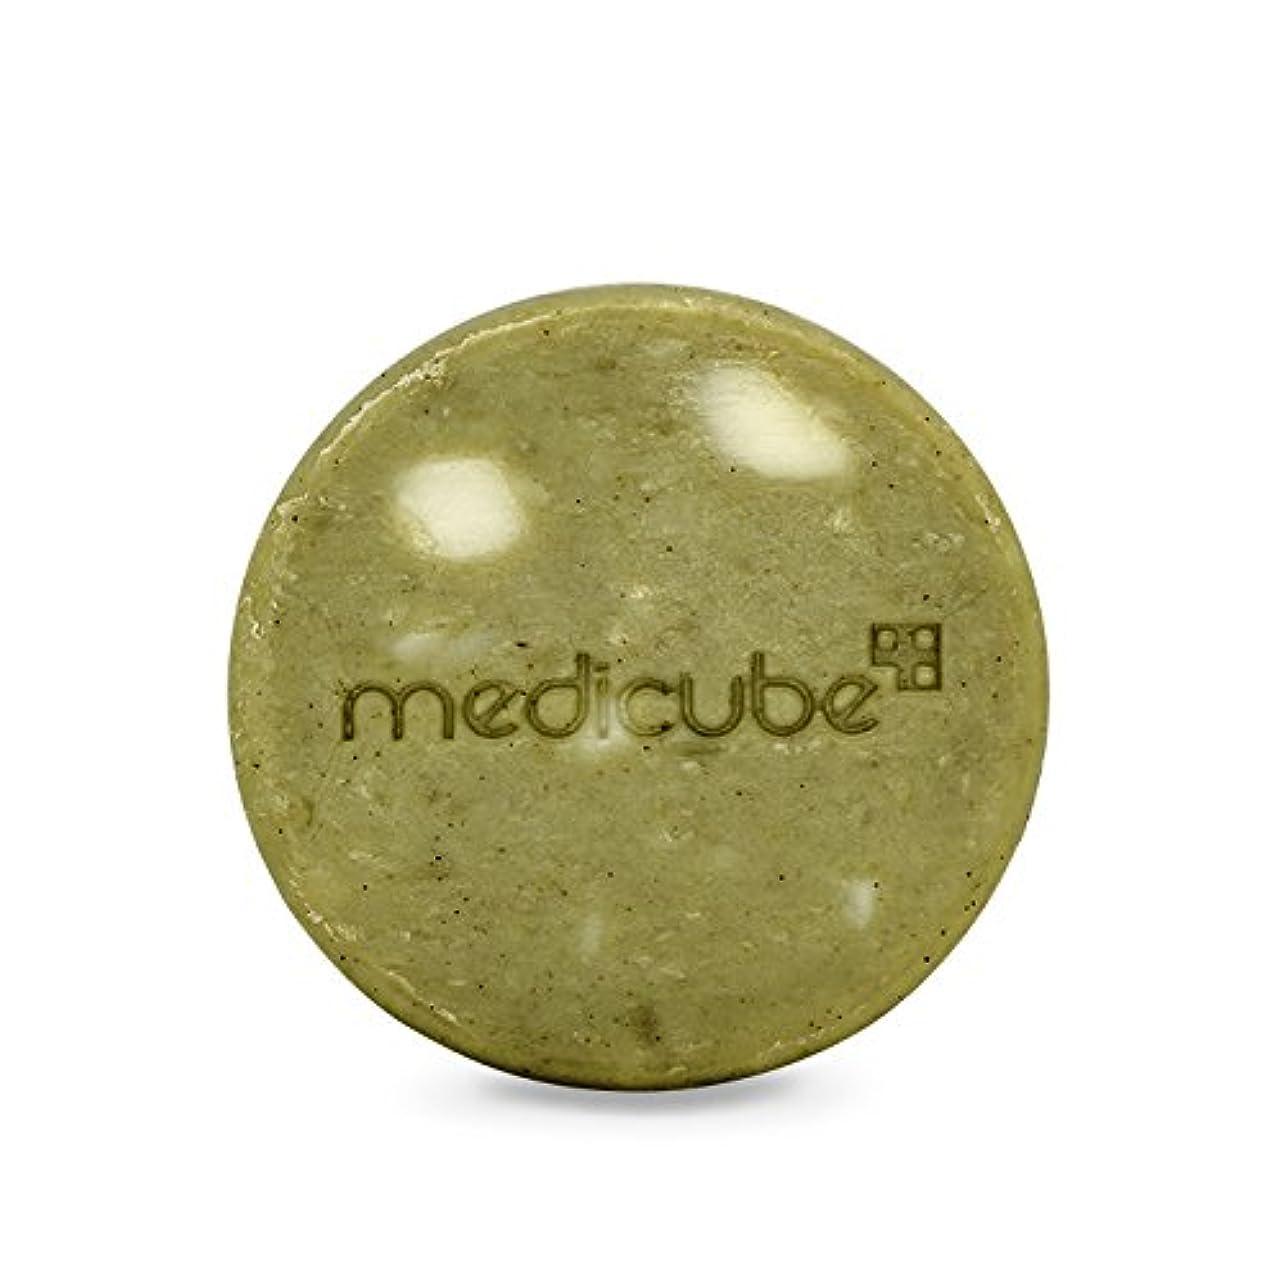 販売計画ベリー賭け[Medicube]Red Body Bar / メディキューブレッドボディバー / 正品?海外直送商品 [並行輸入品]